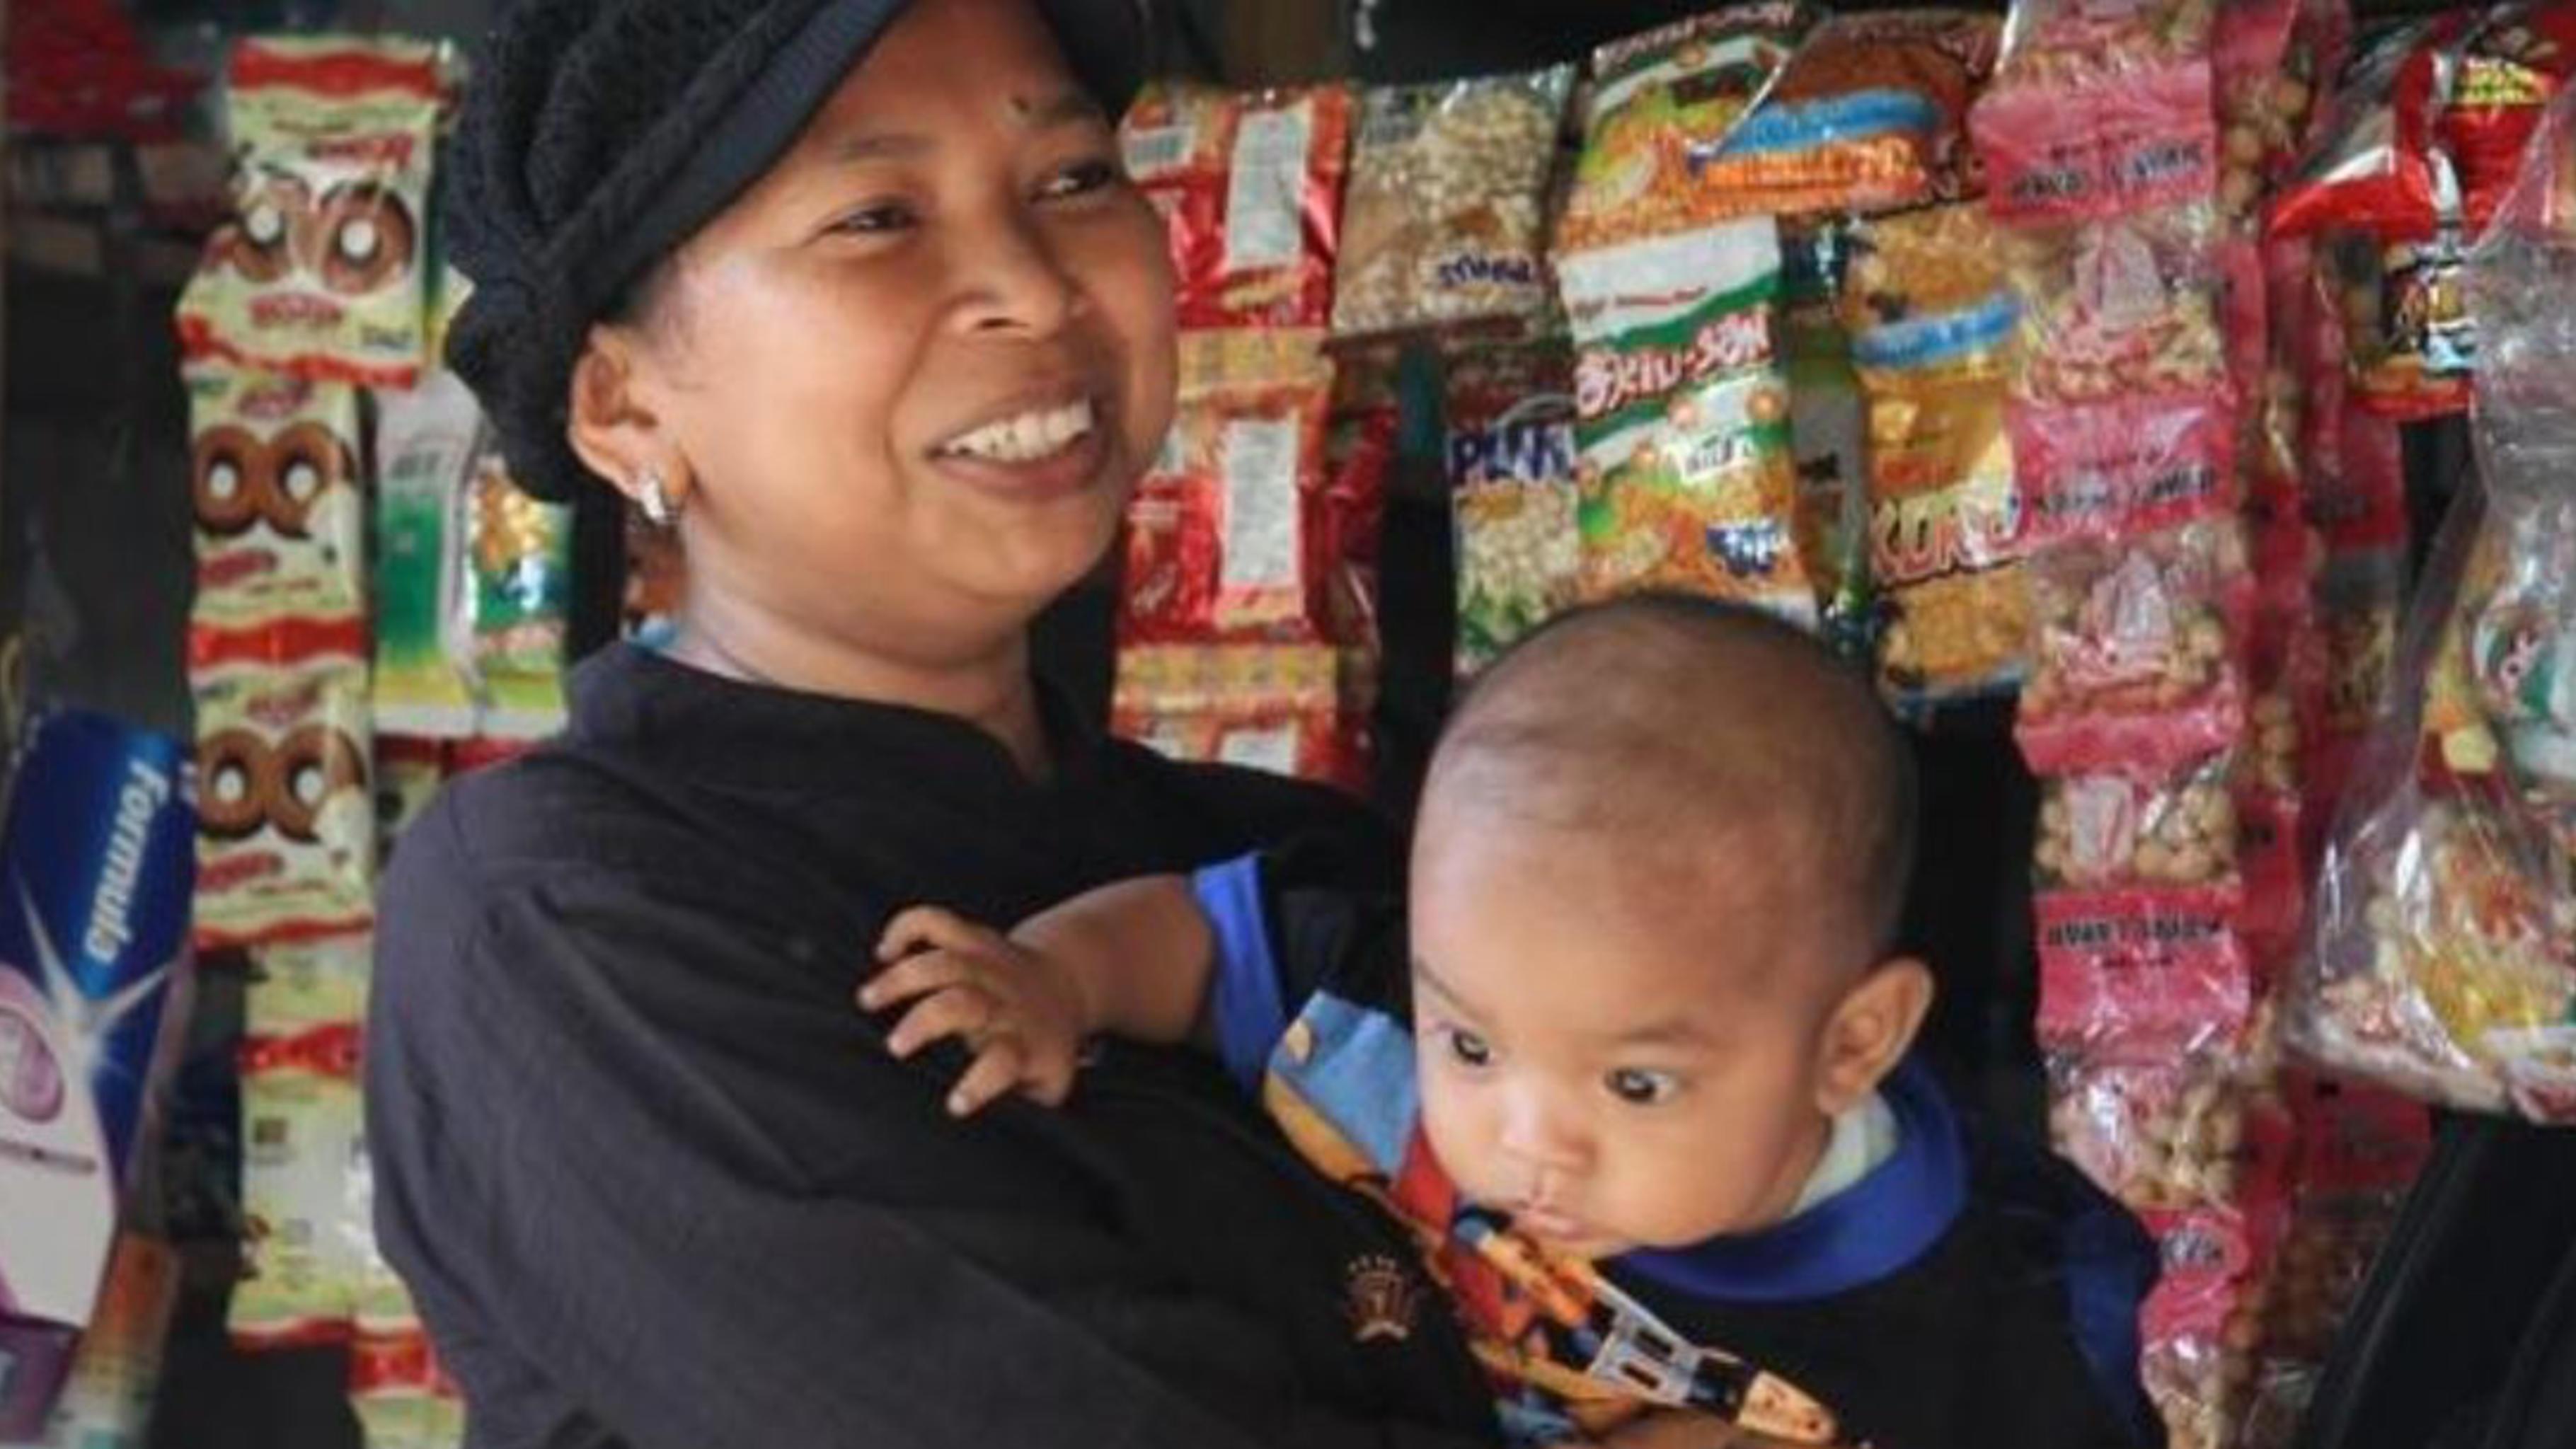 Rusiani mit ihrem Sohn Habil in ihrem Geschäft in Indonesien